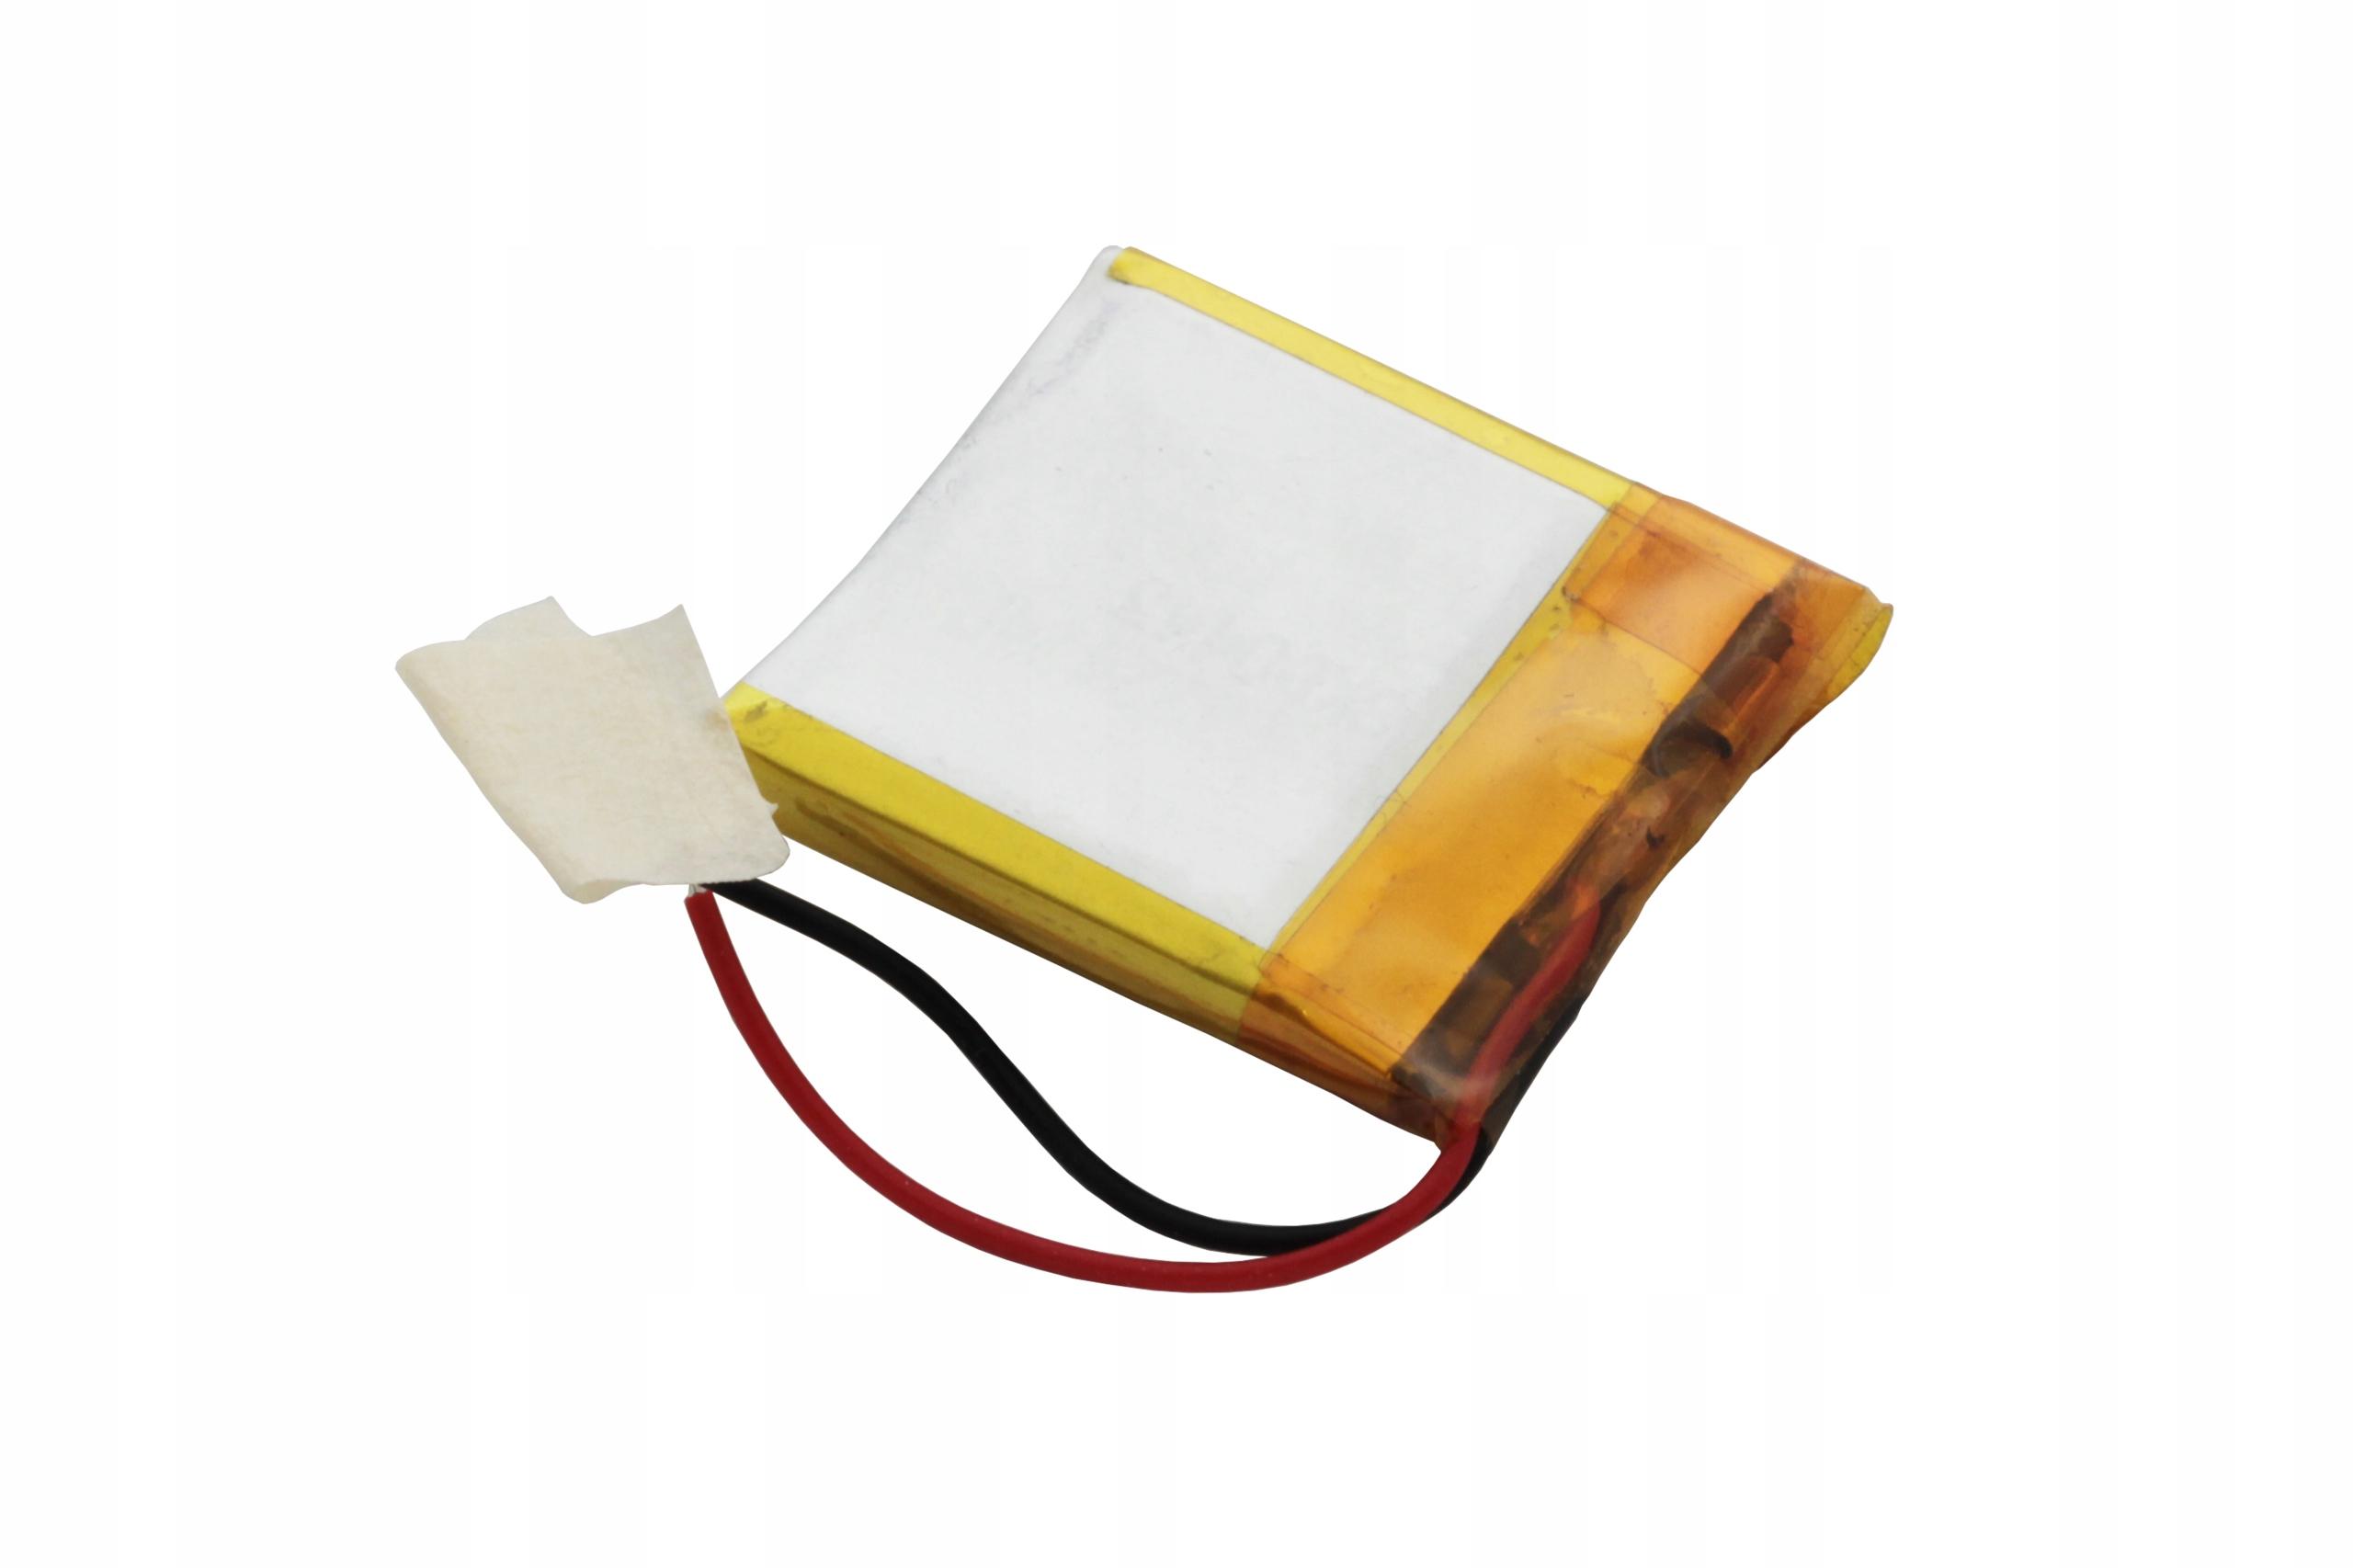 AKUMULATOR PRYZMATYCZNY Li-POLy 3,7V 120mAh 302323 Marka AmElectronics